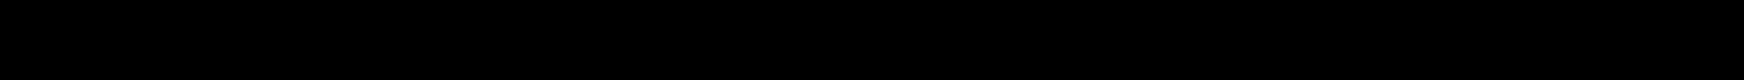 Apollonia-RegularItalic.otf